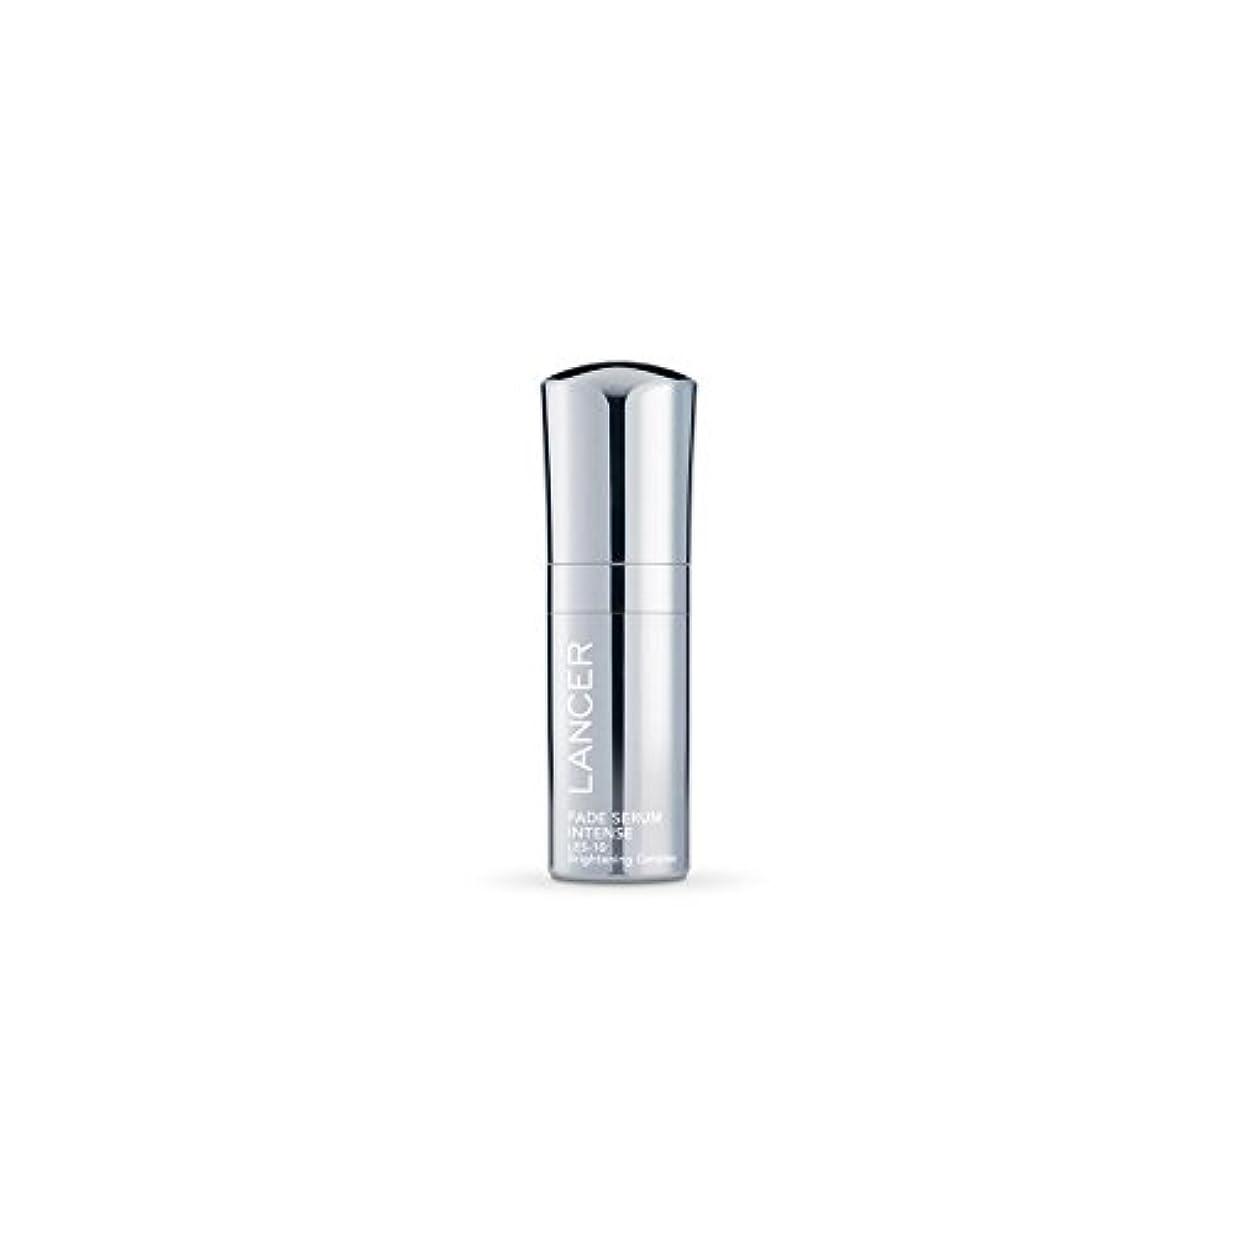 占める周波数ダイヤモンドLancer Skincare Fade Serum Intense (30ml) (Pack of 6) - 強烈ランサースキンケアフェード血清(30ミリリットル) x6 [並行輸入品]